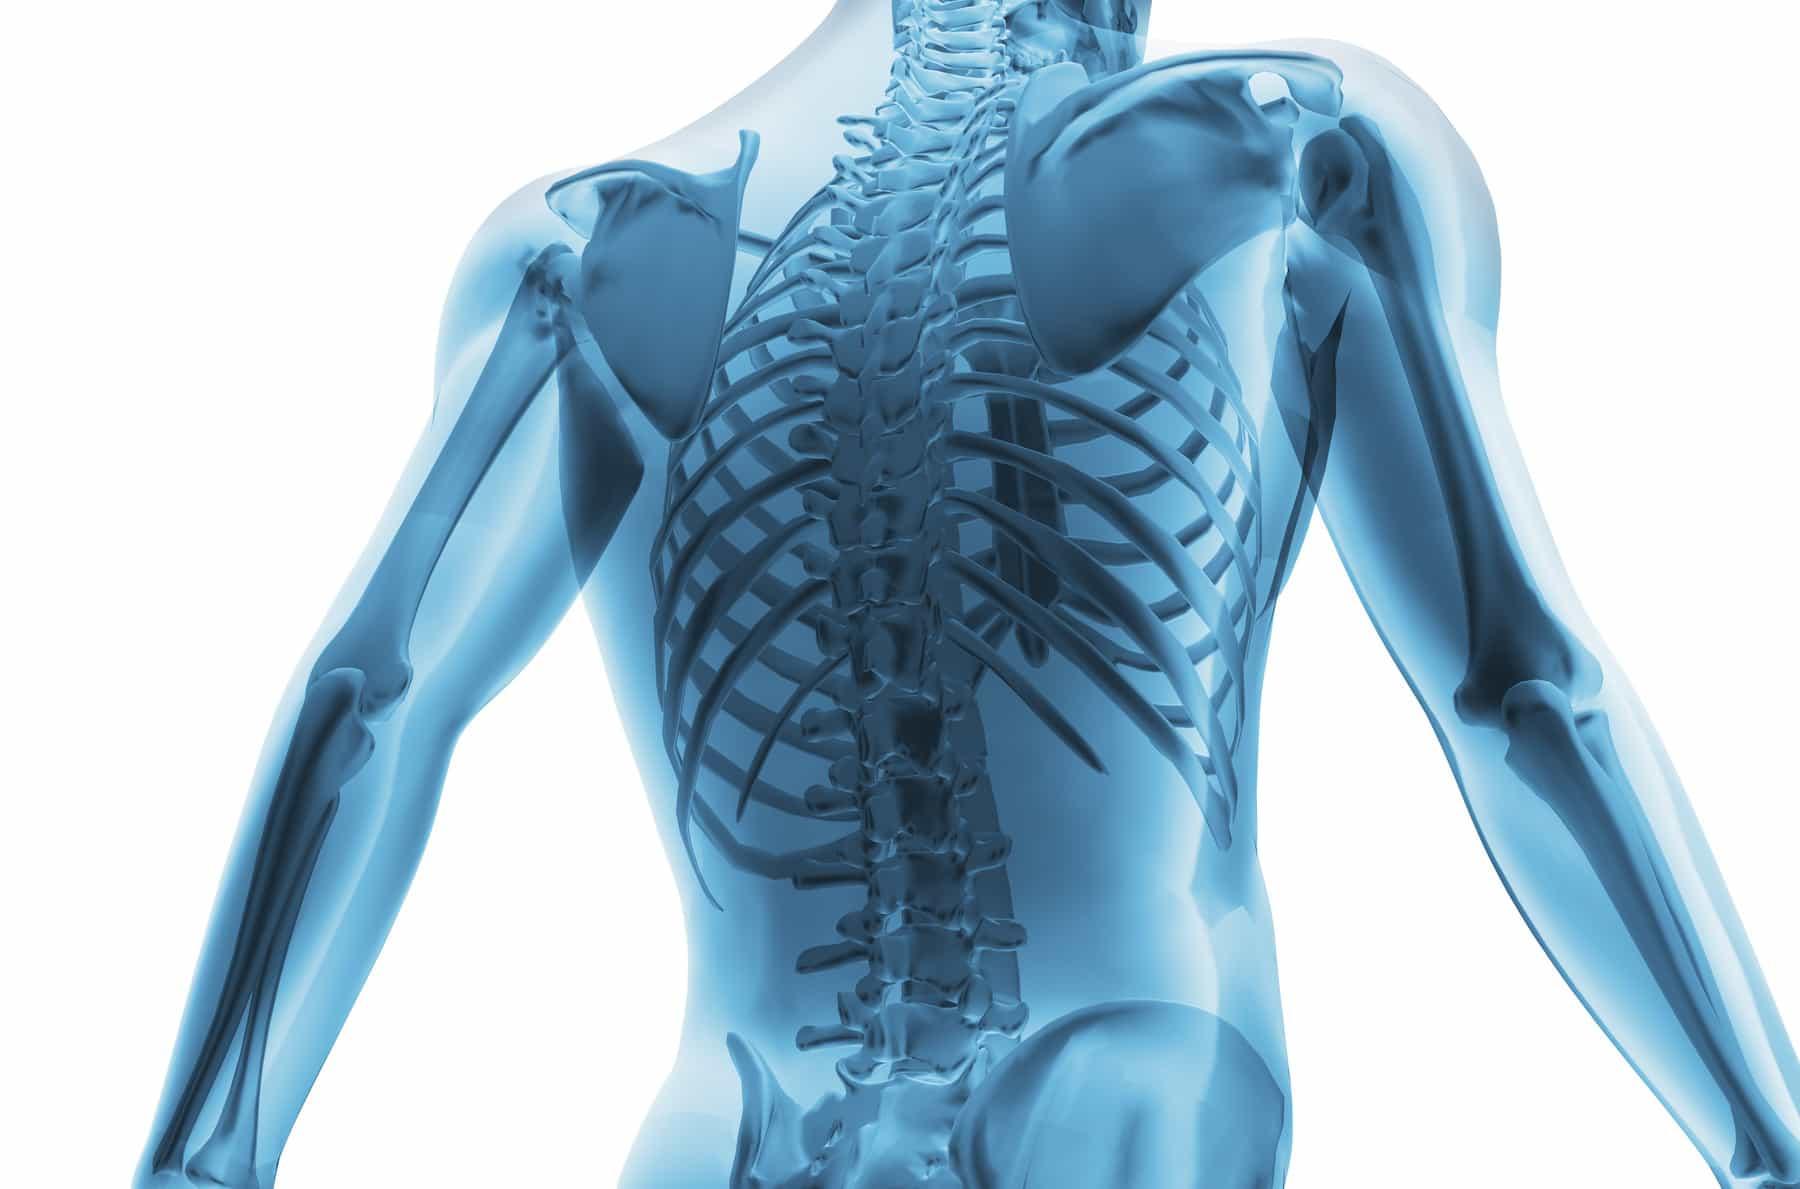 Osteopathy Alternative Health Clinic High Peak Derbyshire